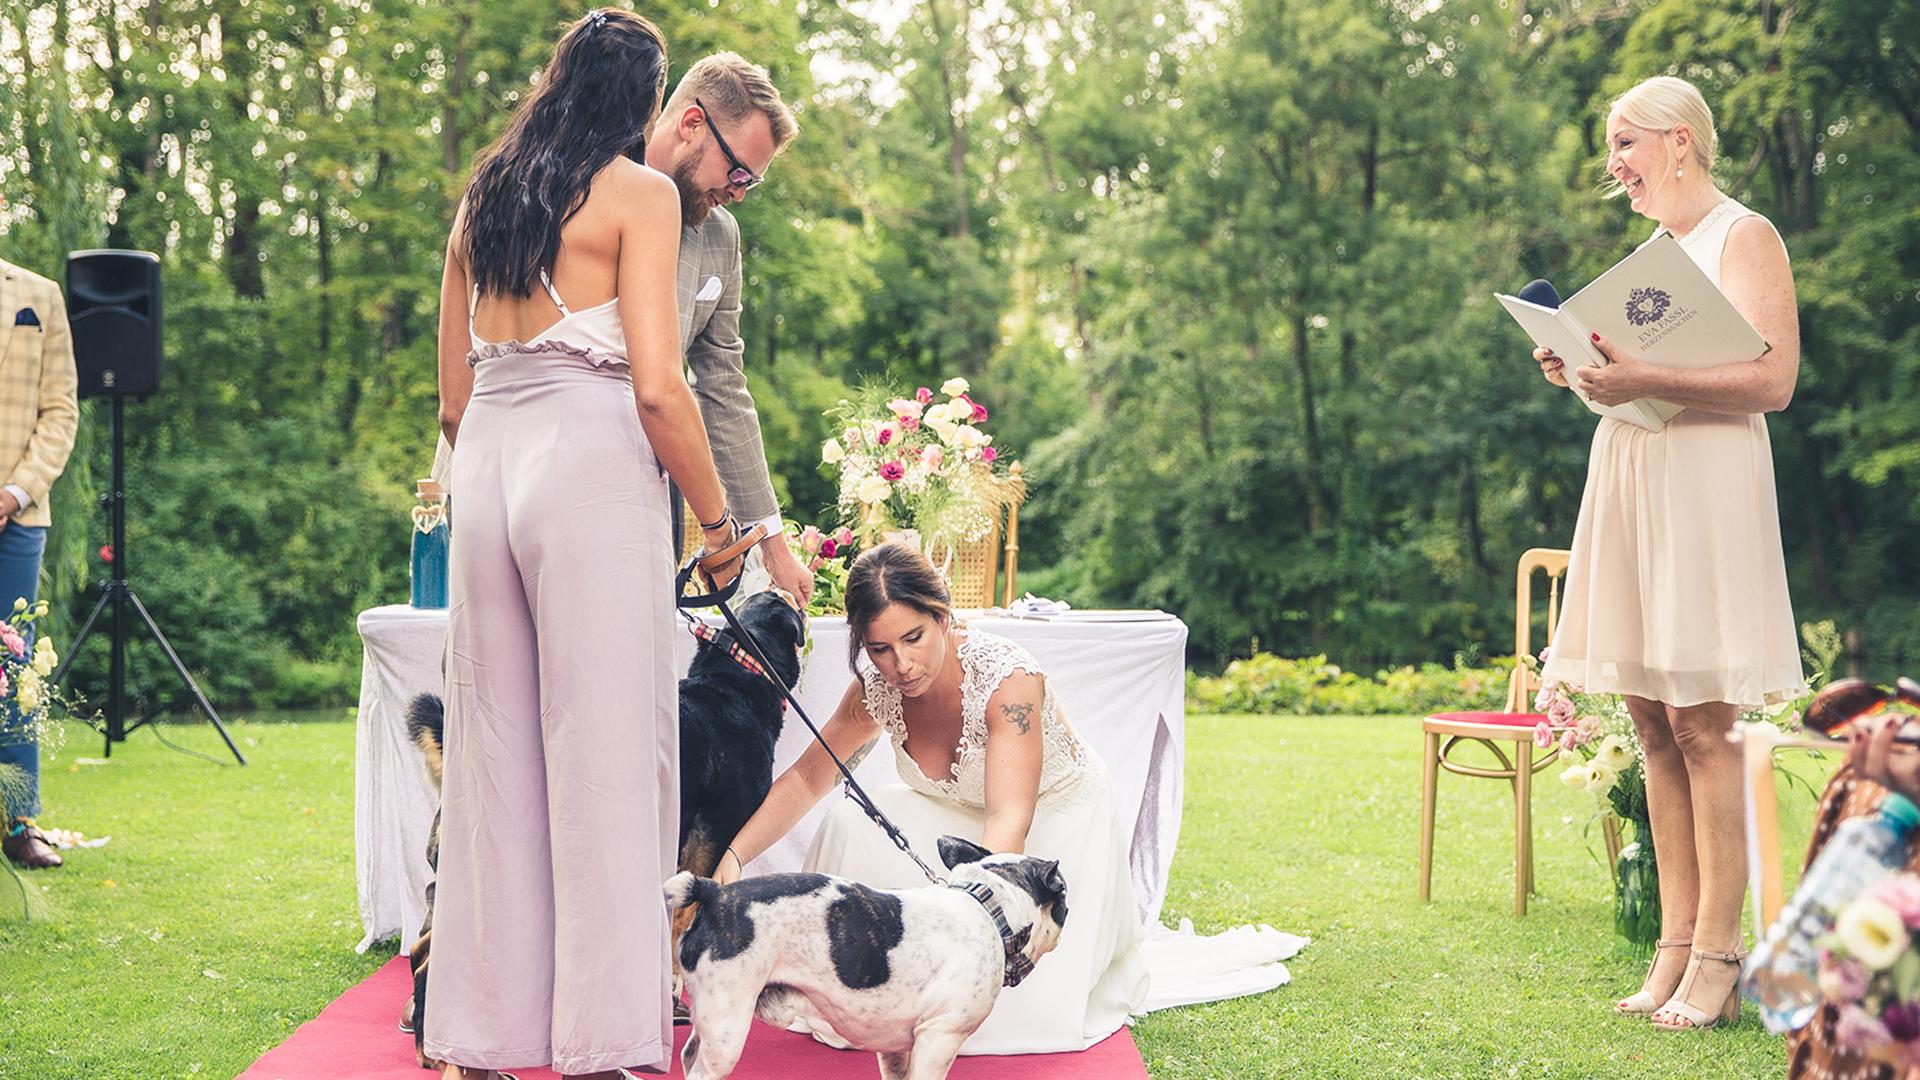 Eva Fassl die Hochzeitsrednerin - Ice-Wedding.at 5